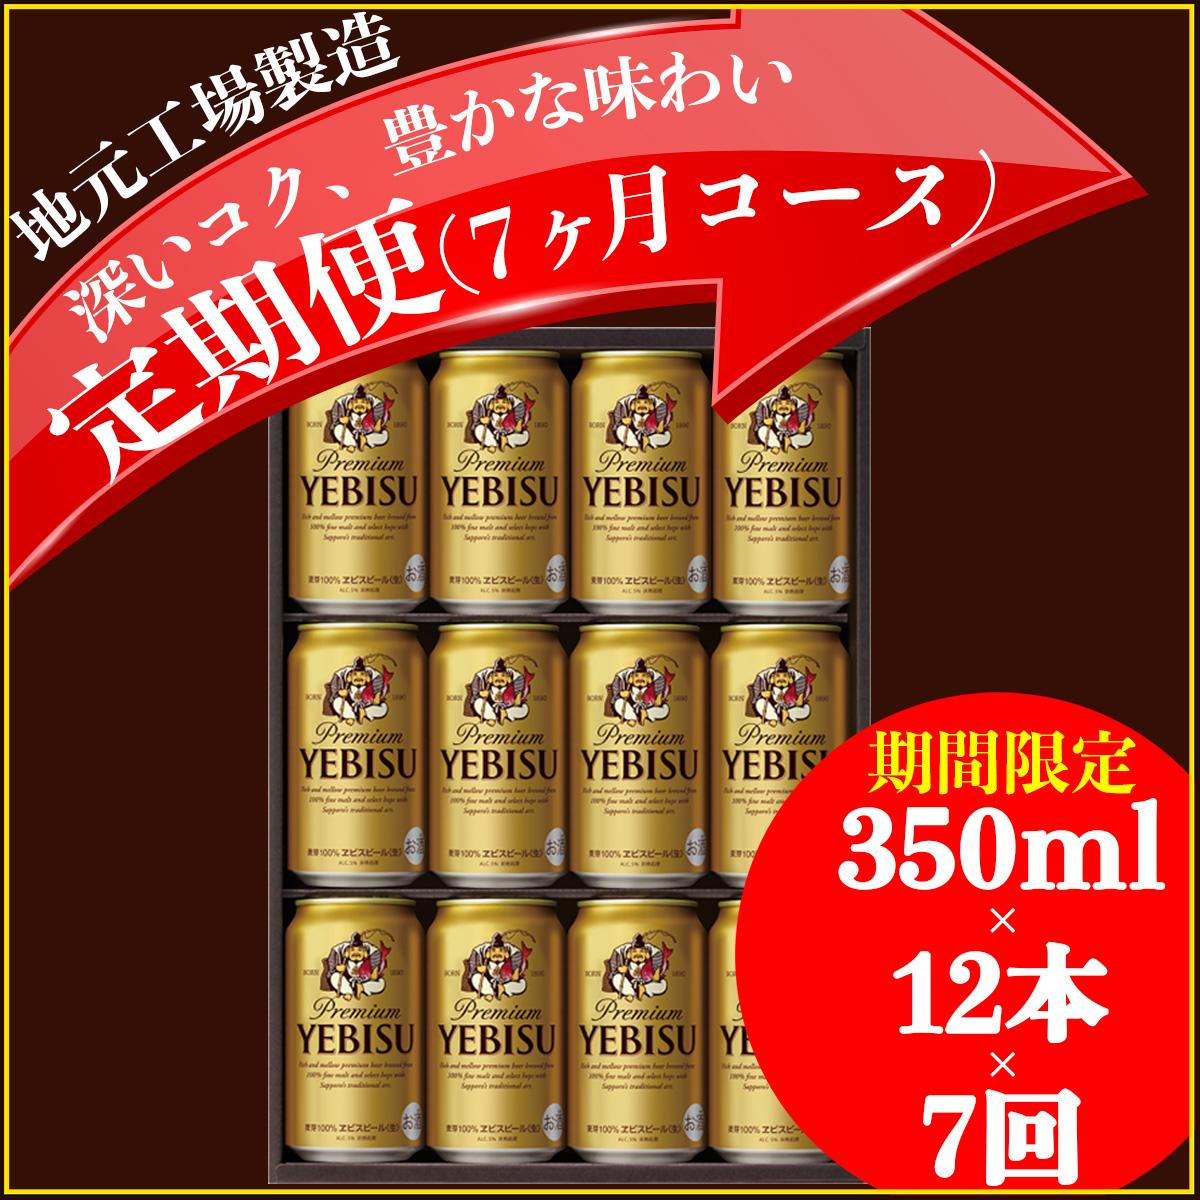 【ふるさと納税】【毎月お届け定期便】地元名取生産 ヱビスビール(350ml×12本)7回お届け